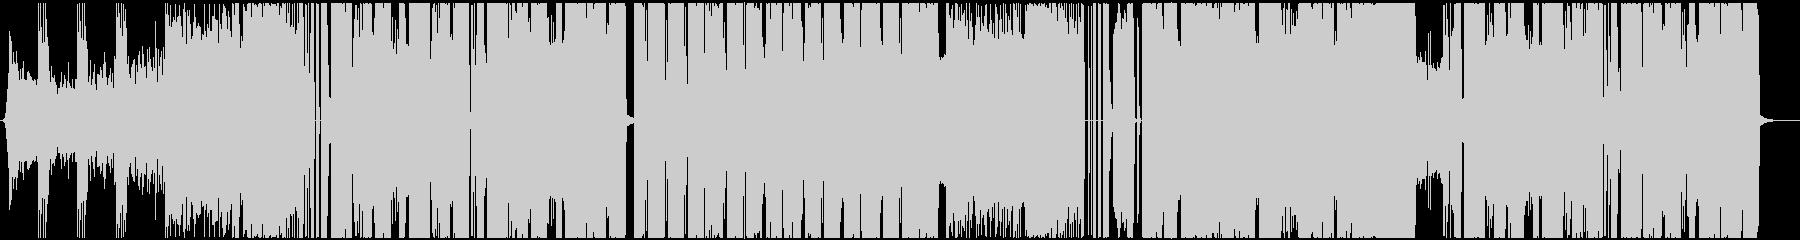 ギターサウンドを取り入れたDubStepの未再生の波形